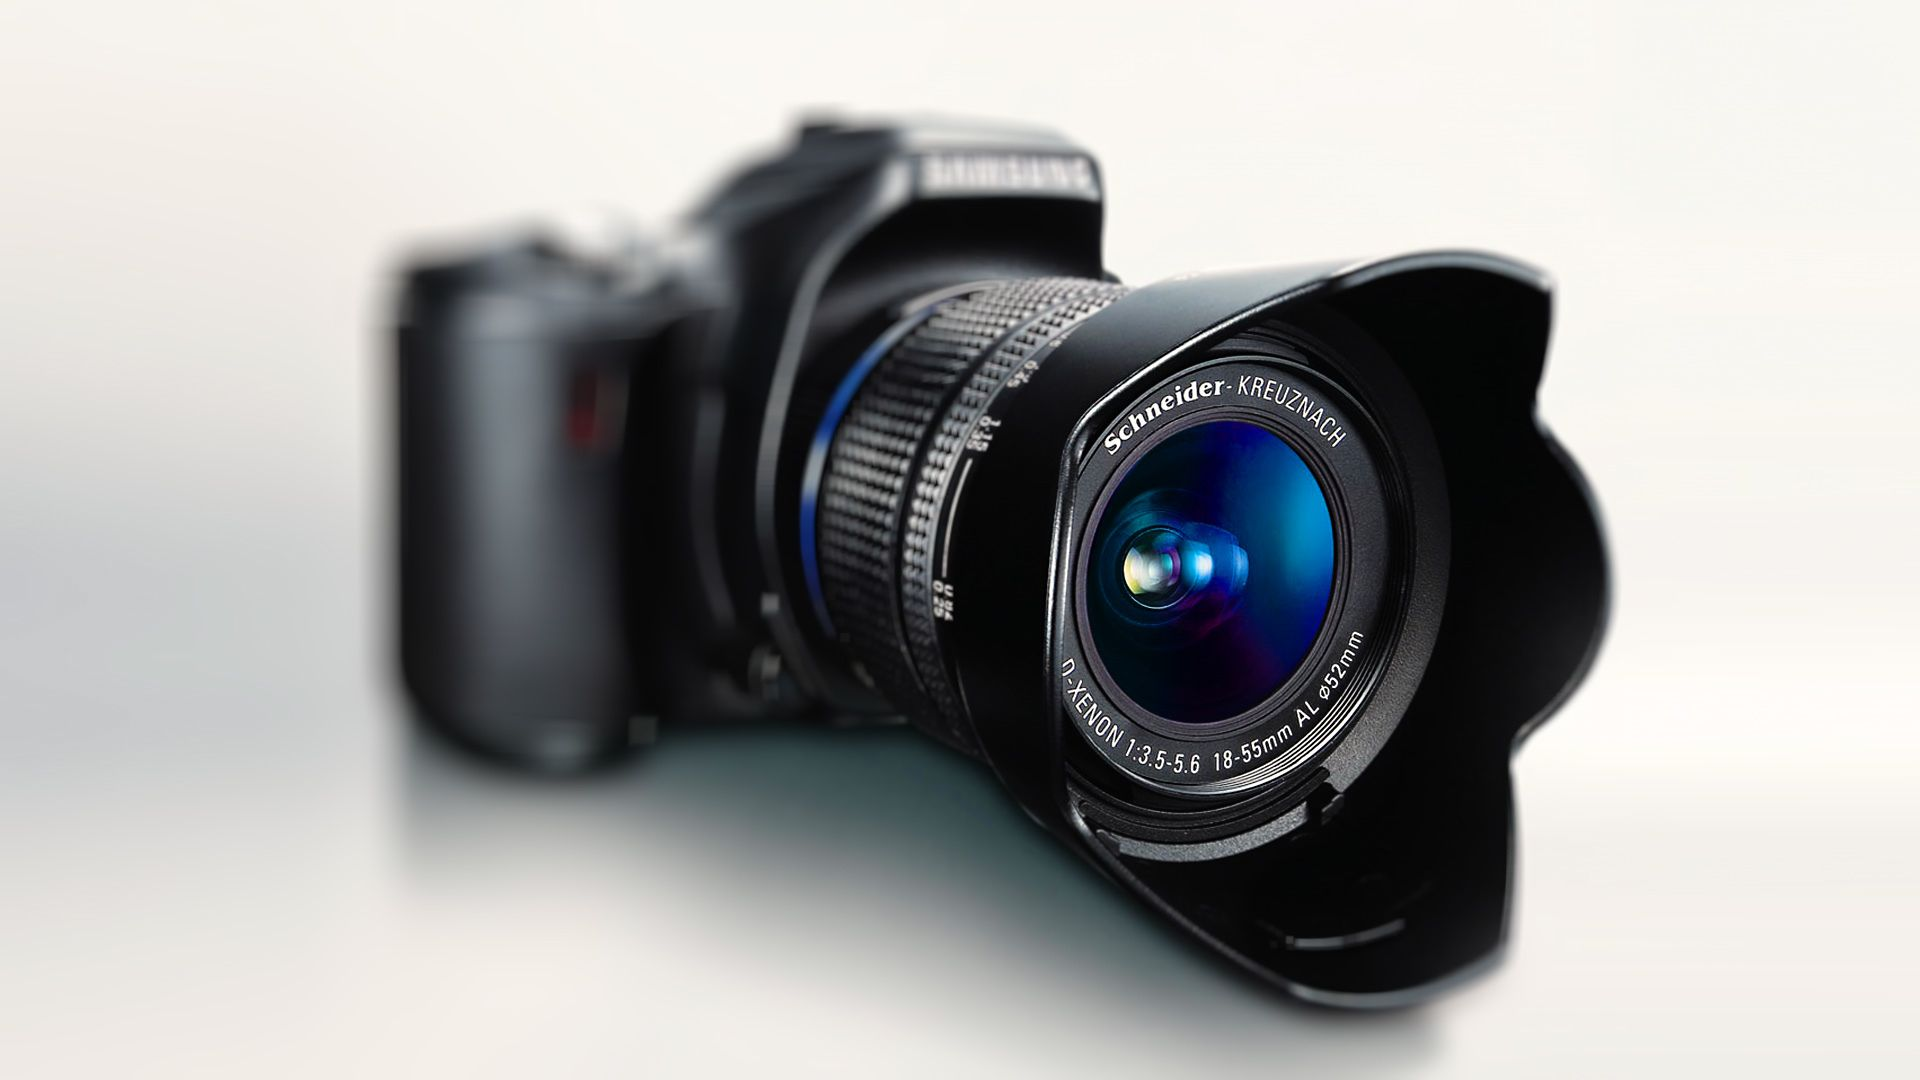 camera hd wallpapers | fotos | pinterest | camera wallpaper